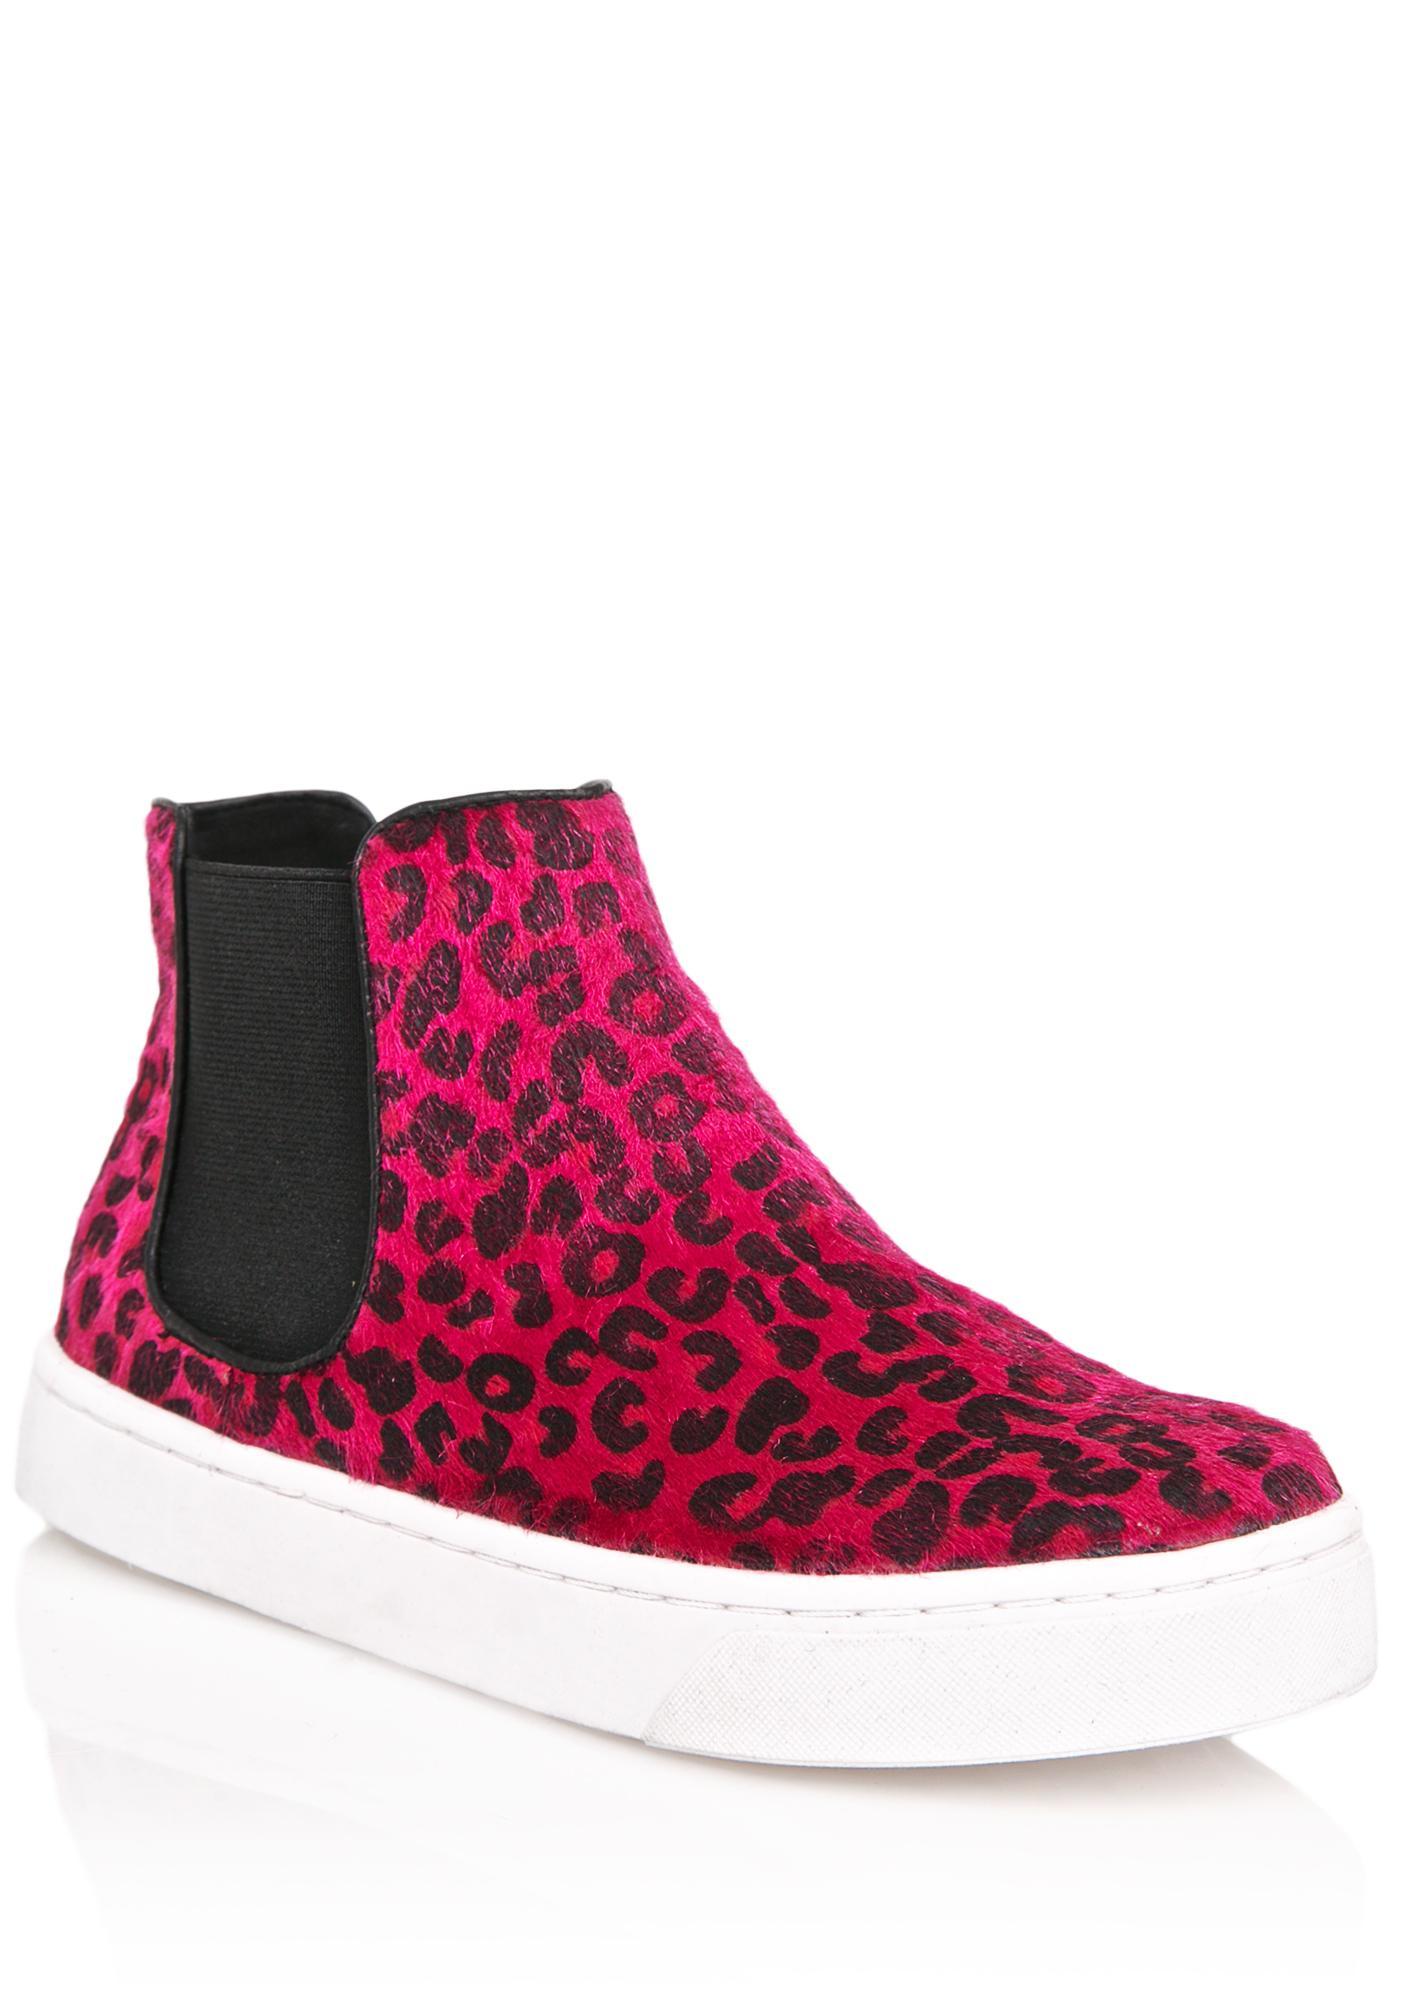 Josie High Top Leopard Sneakers